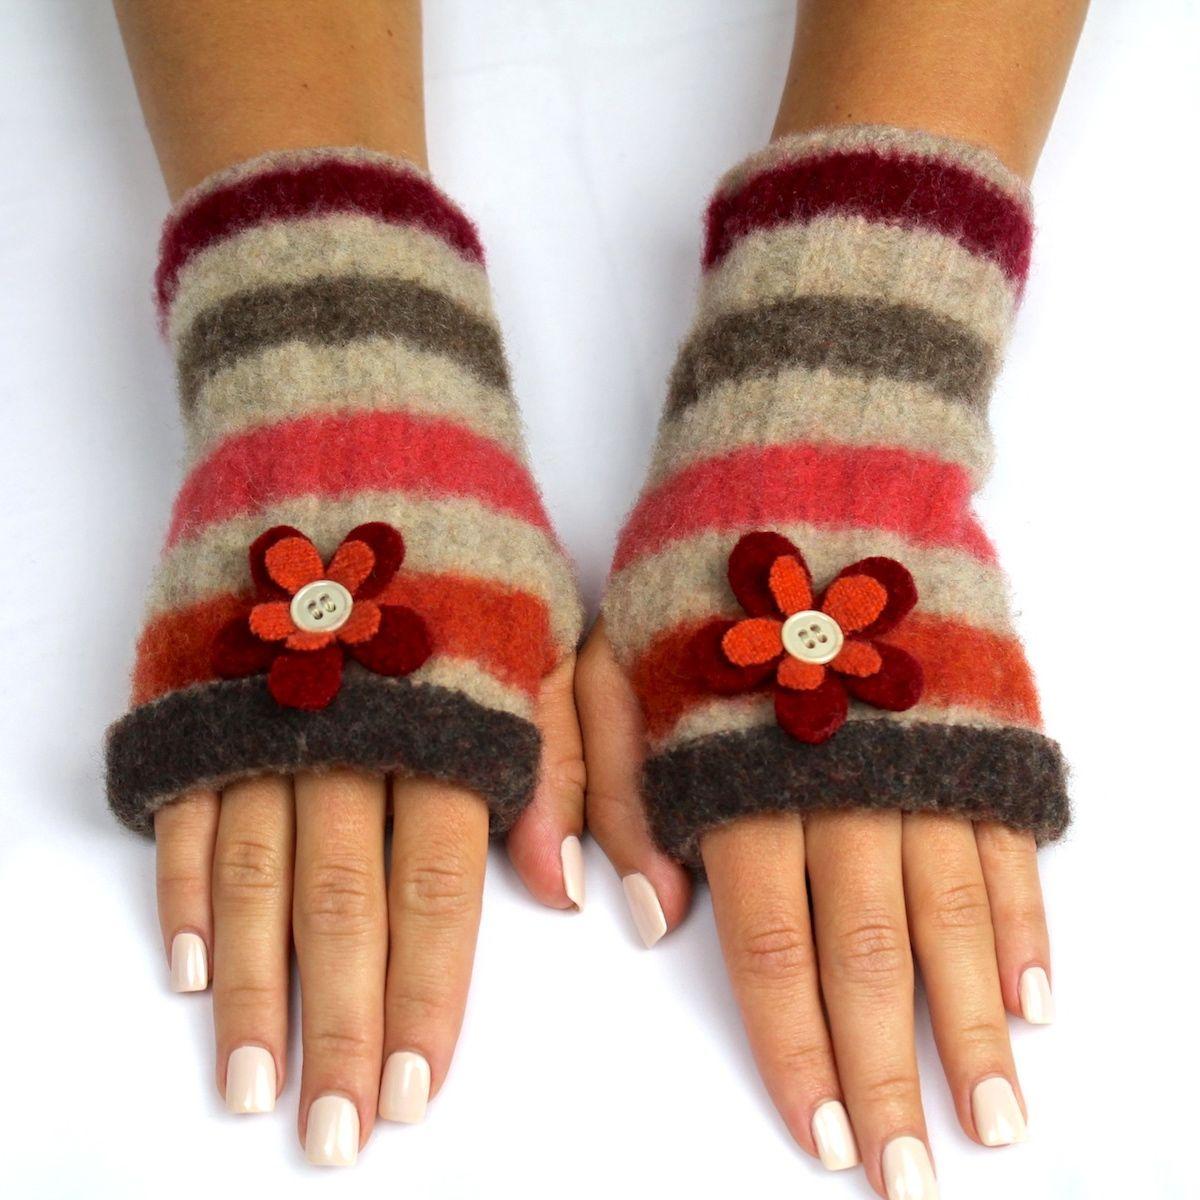 How to Make Felt Fingerless Gloves